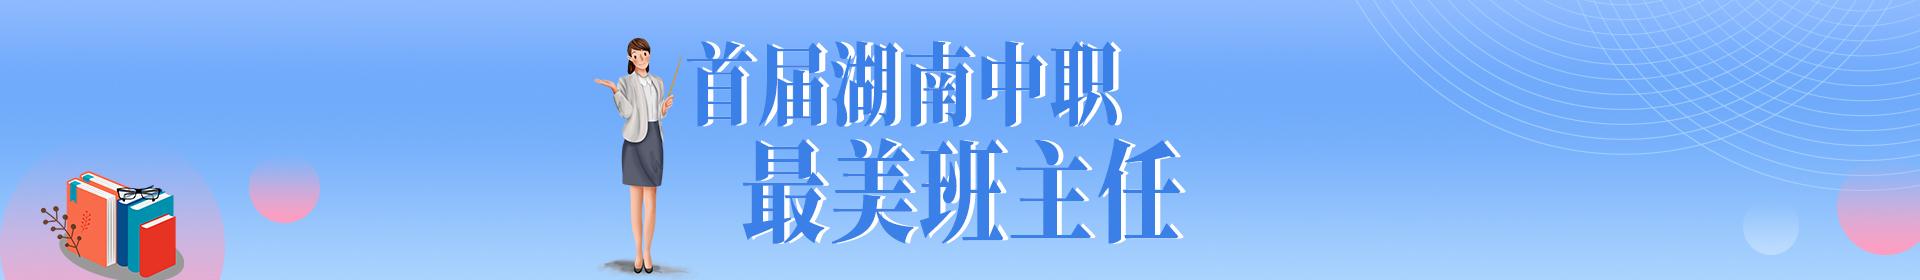 首届湖南中职最美班主任